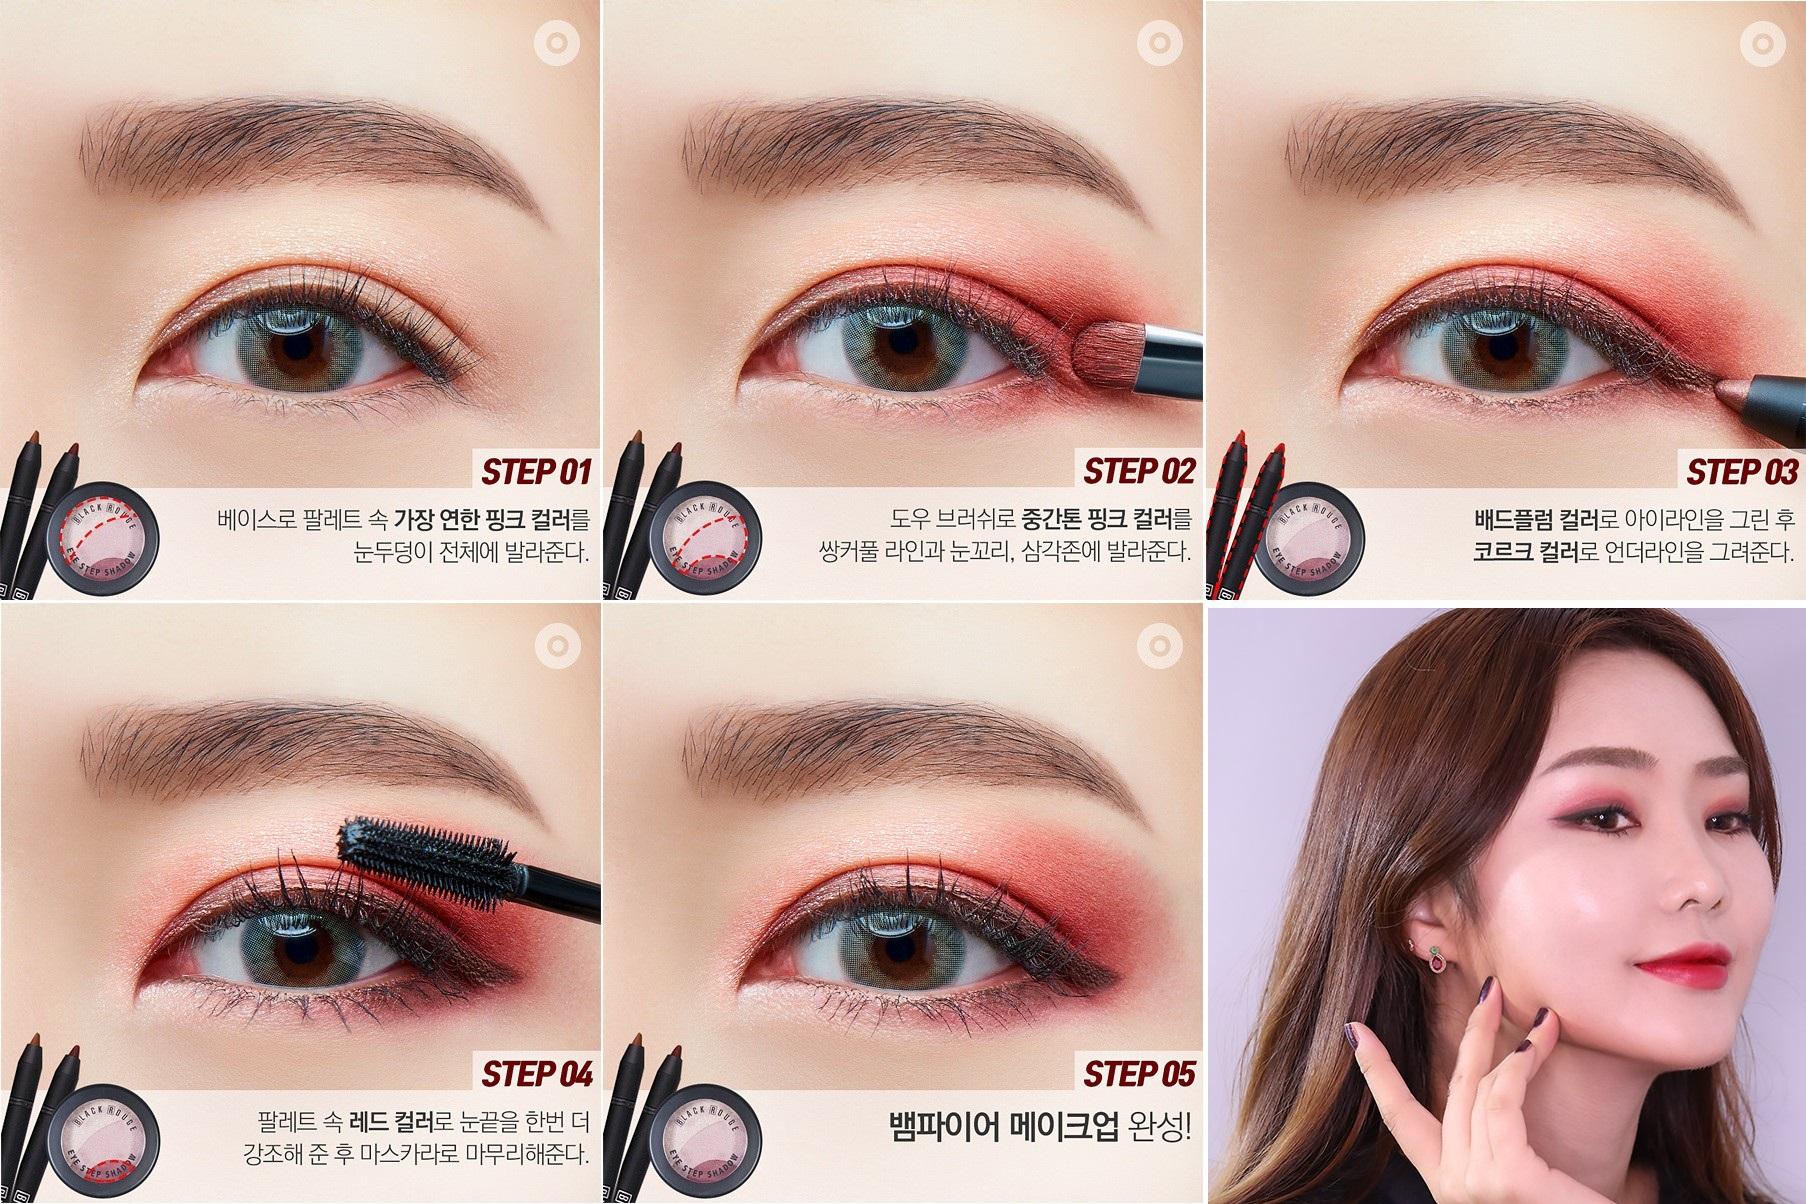 Chọn tone đỏ phù hợp cho mắt